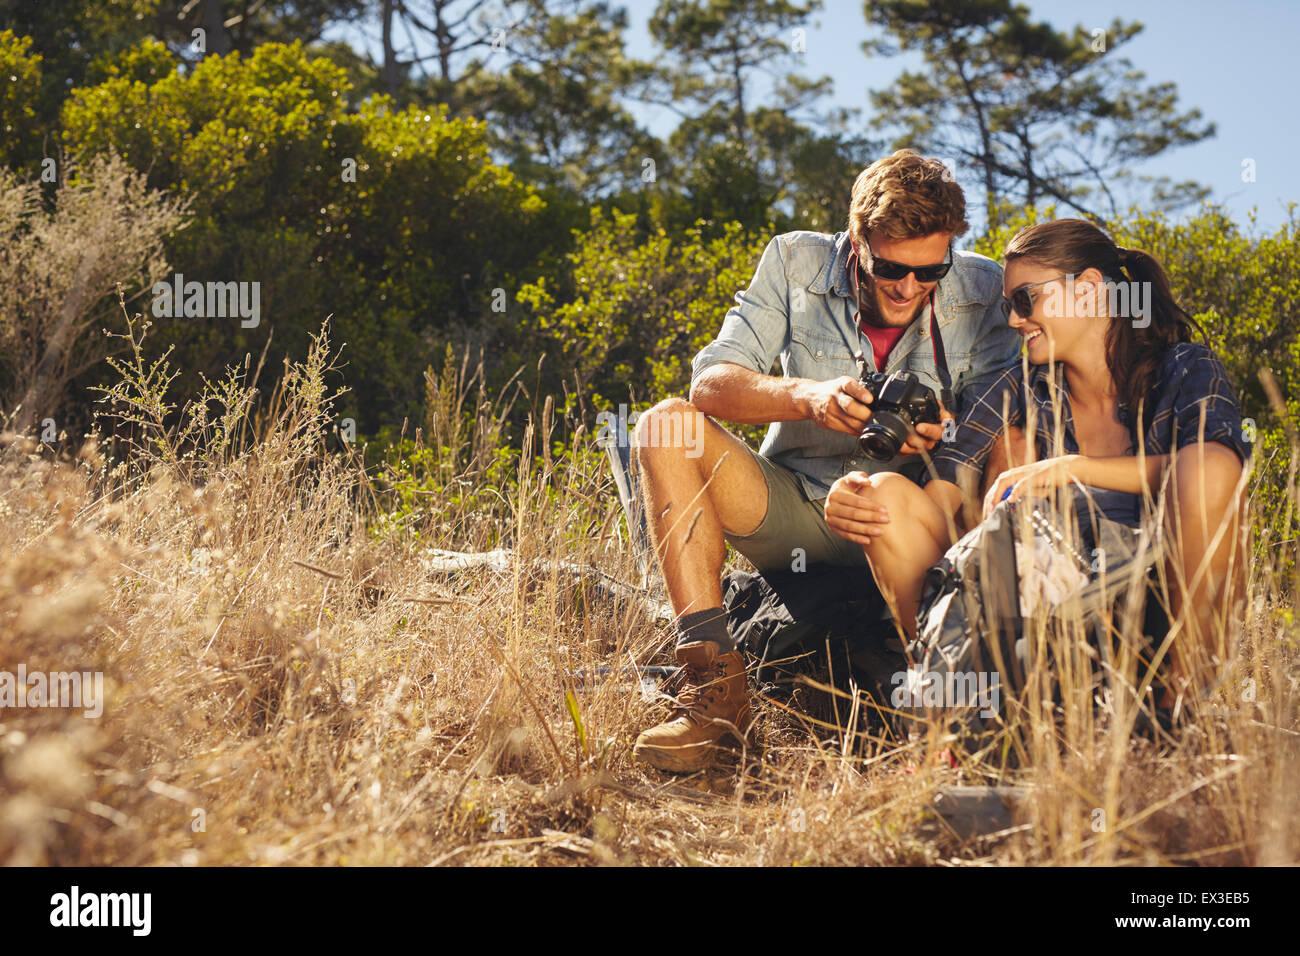 Junges Paar im Freien mit Blick auf Fotos vor der Kamera. Kaukasischen Mann und Frau auf Wanderung eine Pause. Stockbild